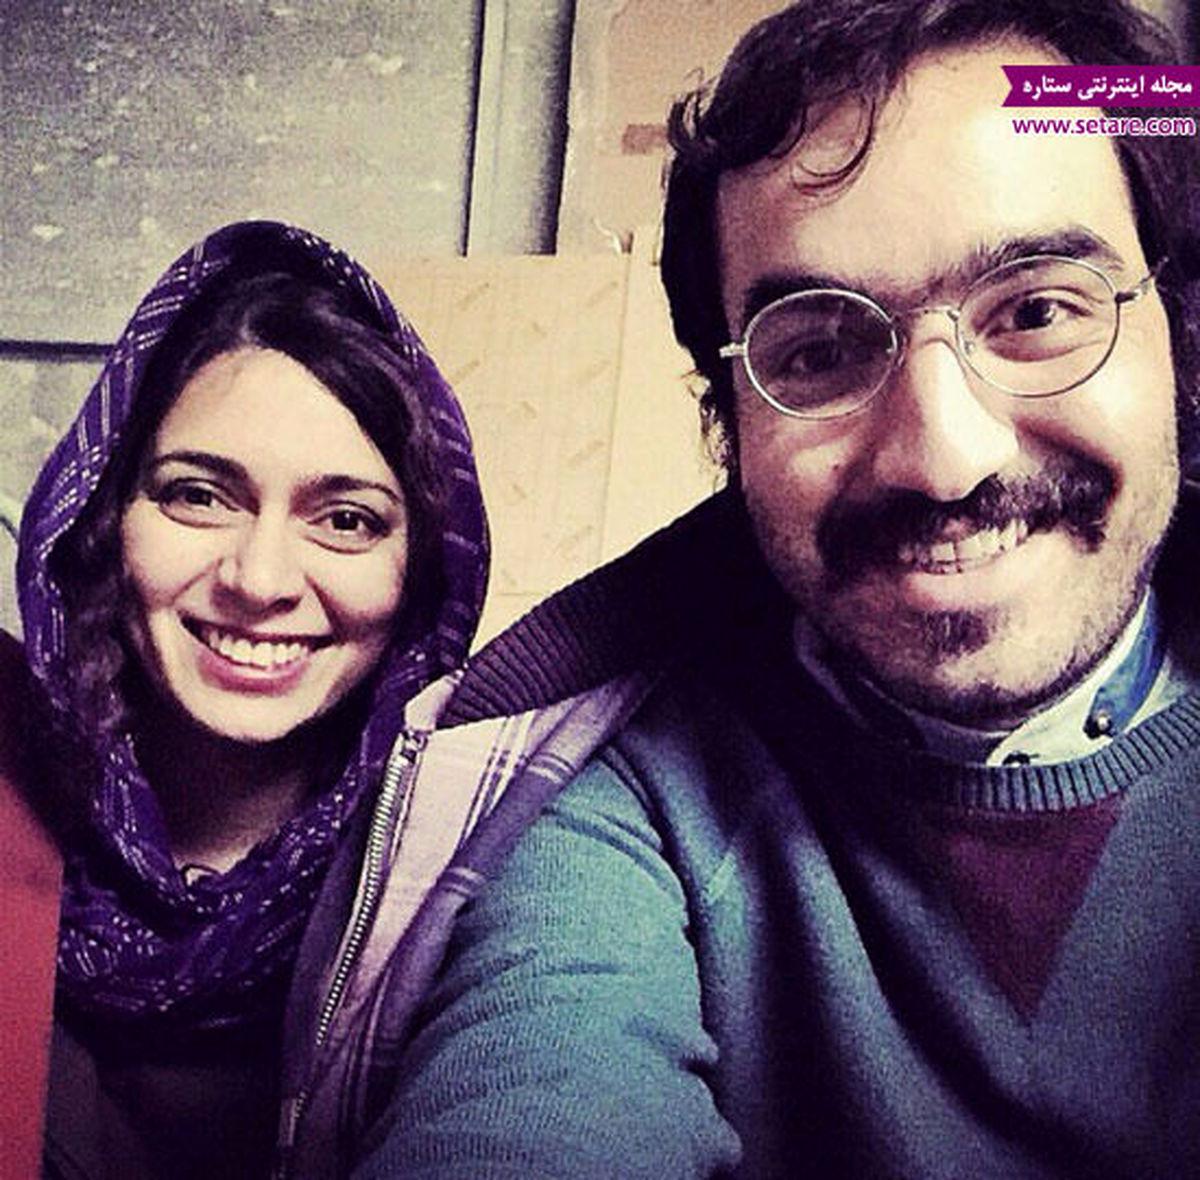 عکس لورفته و جنجالی از پگاه اهنگرانی در اغوش بازیگر سرشناس + تصاویر دیده نشده